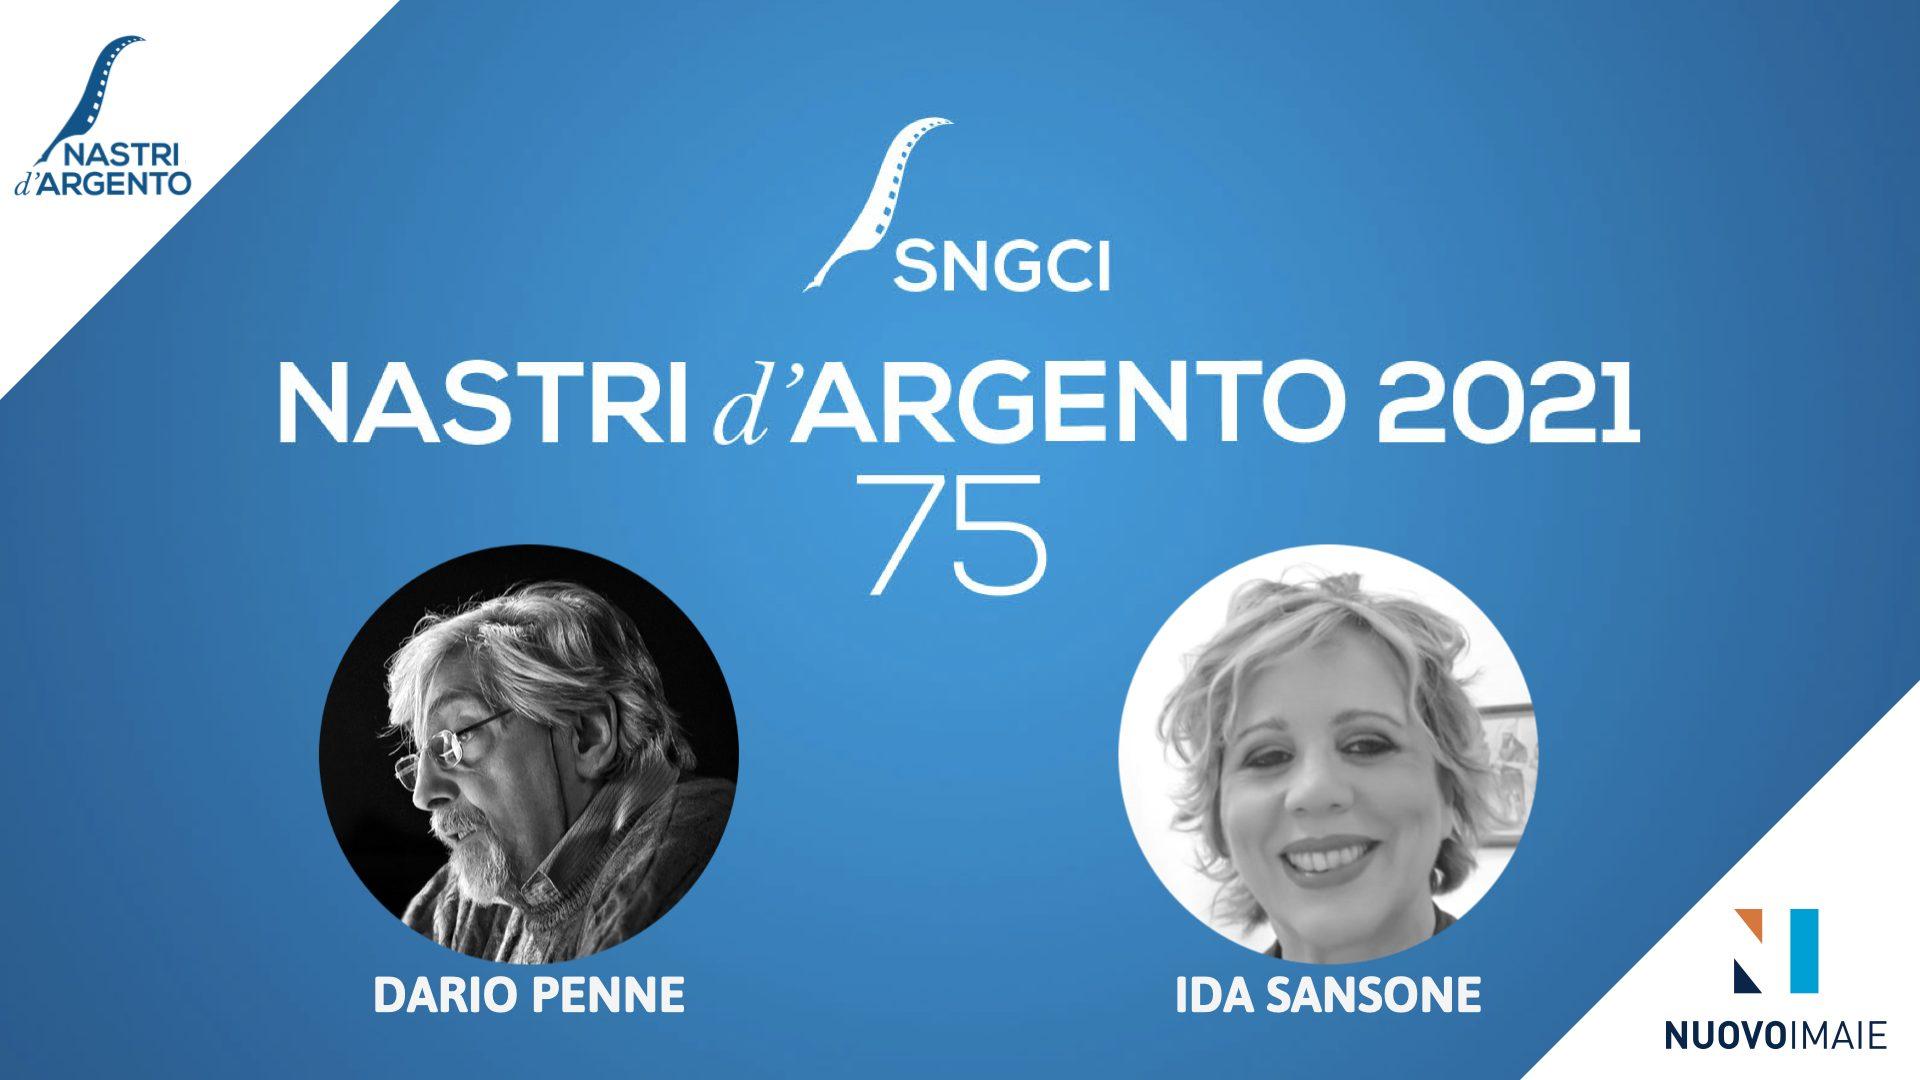 """Premio """"Nastri d'Argento – NUOVO IMAIE"""" per il doppiaggio a Dario Penne e Ida Sansone"""